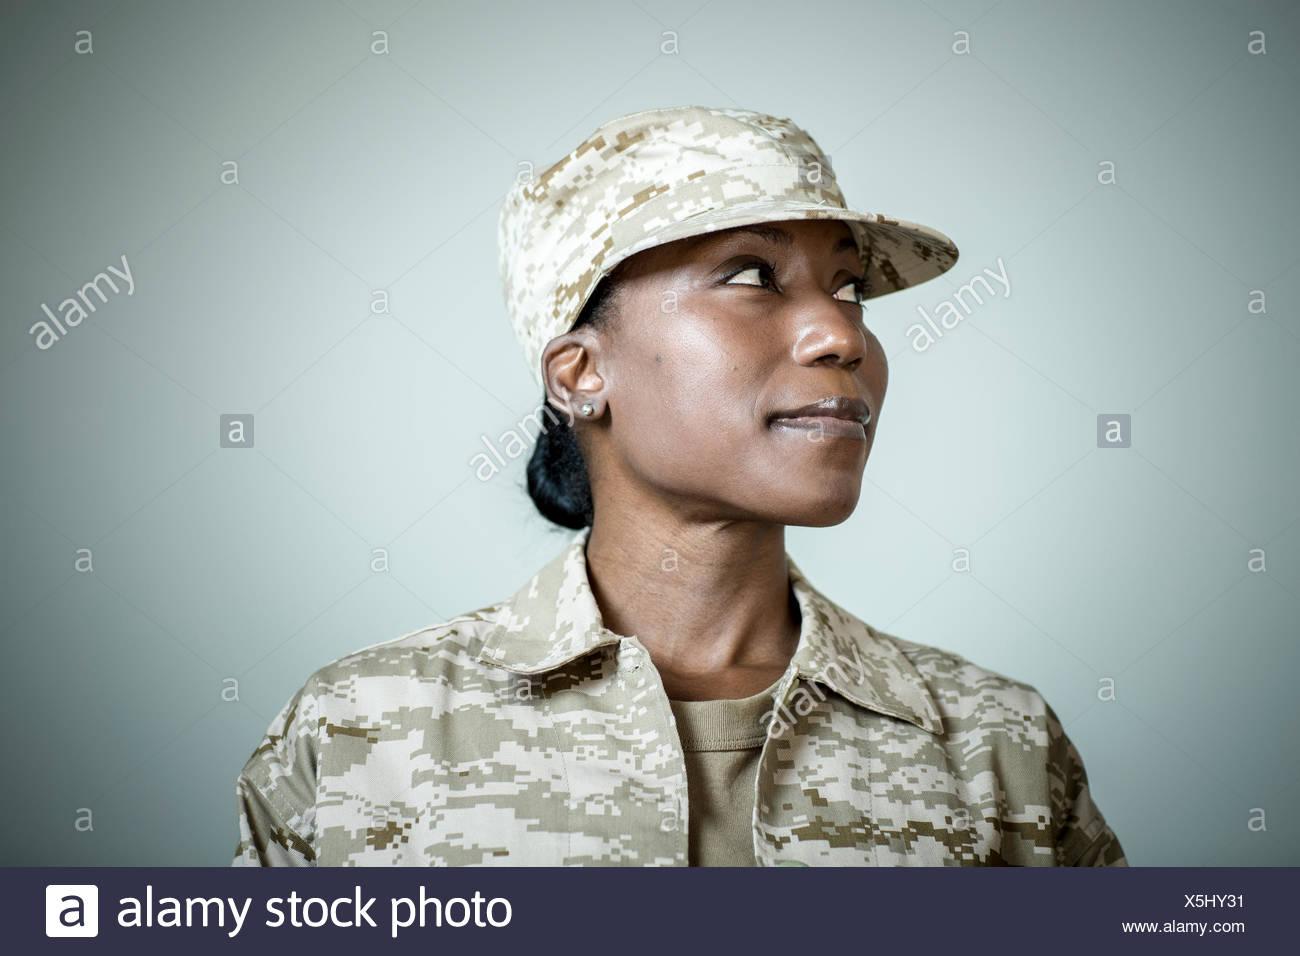 Retrato de estudio de seguros mujer soldado mirando hacia los lados Imagen De Stock